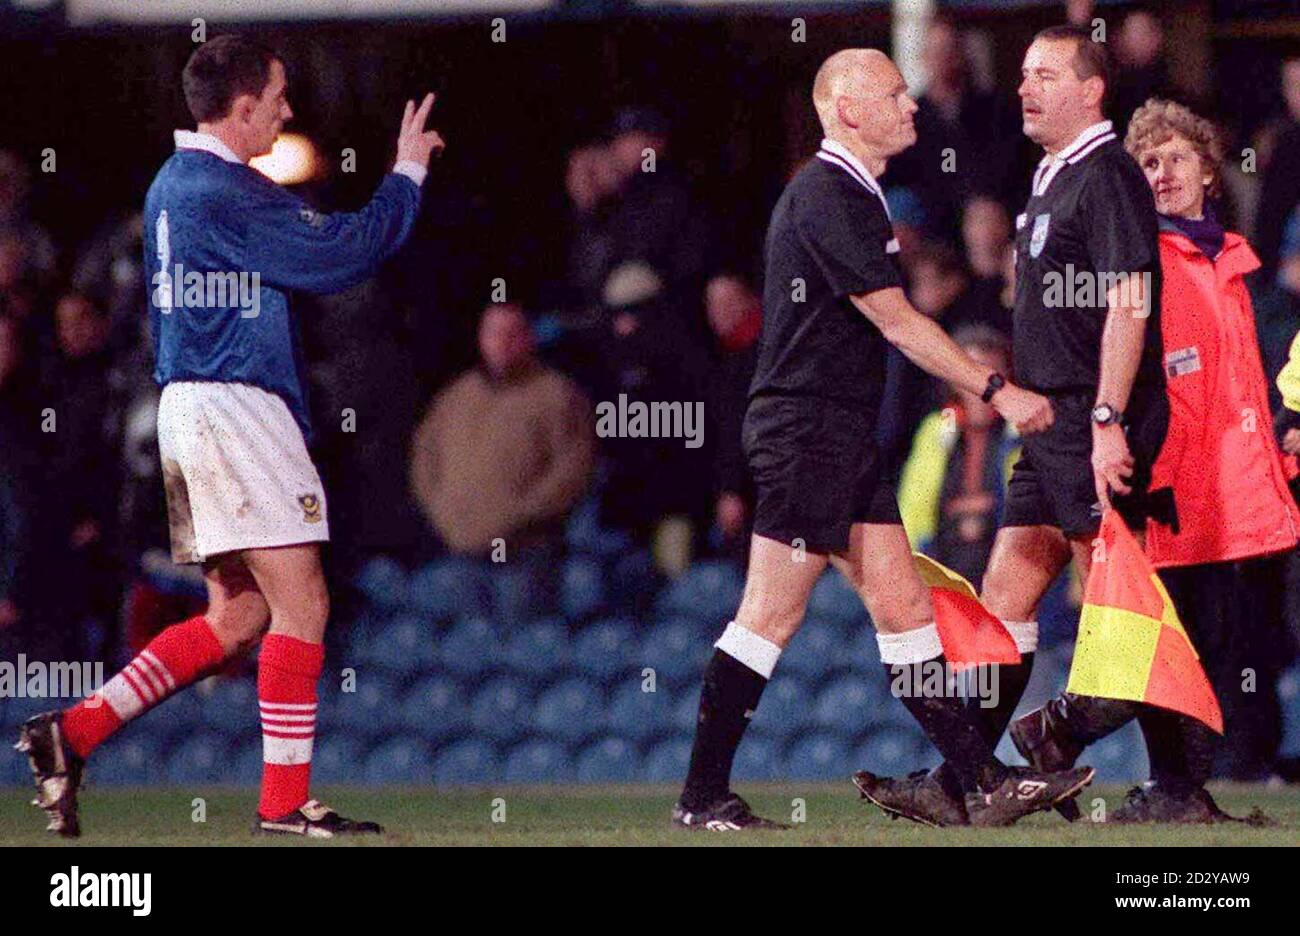 Portsmouth NO2 Robbie Pethick gestes aux hommes de ligne après la troisième manche de la coupe FA d'aujourd'hui (samedi) au parc Fratton terminé avec deux buts d'égalisation très disputés de Aston Villa. Note finale 2-2. Photo de Tom Hevezi/PA Banque D'Images